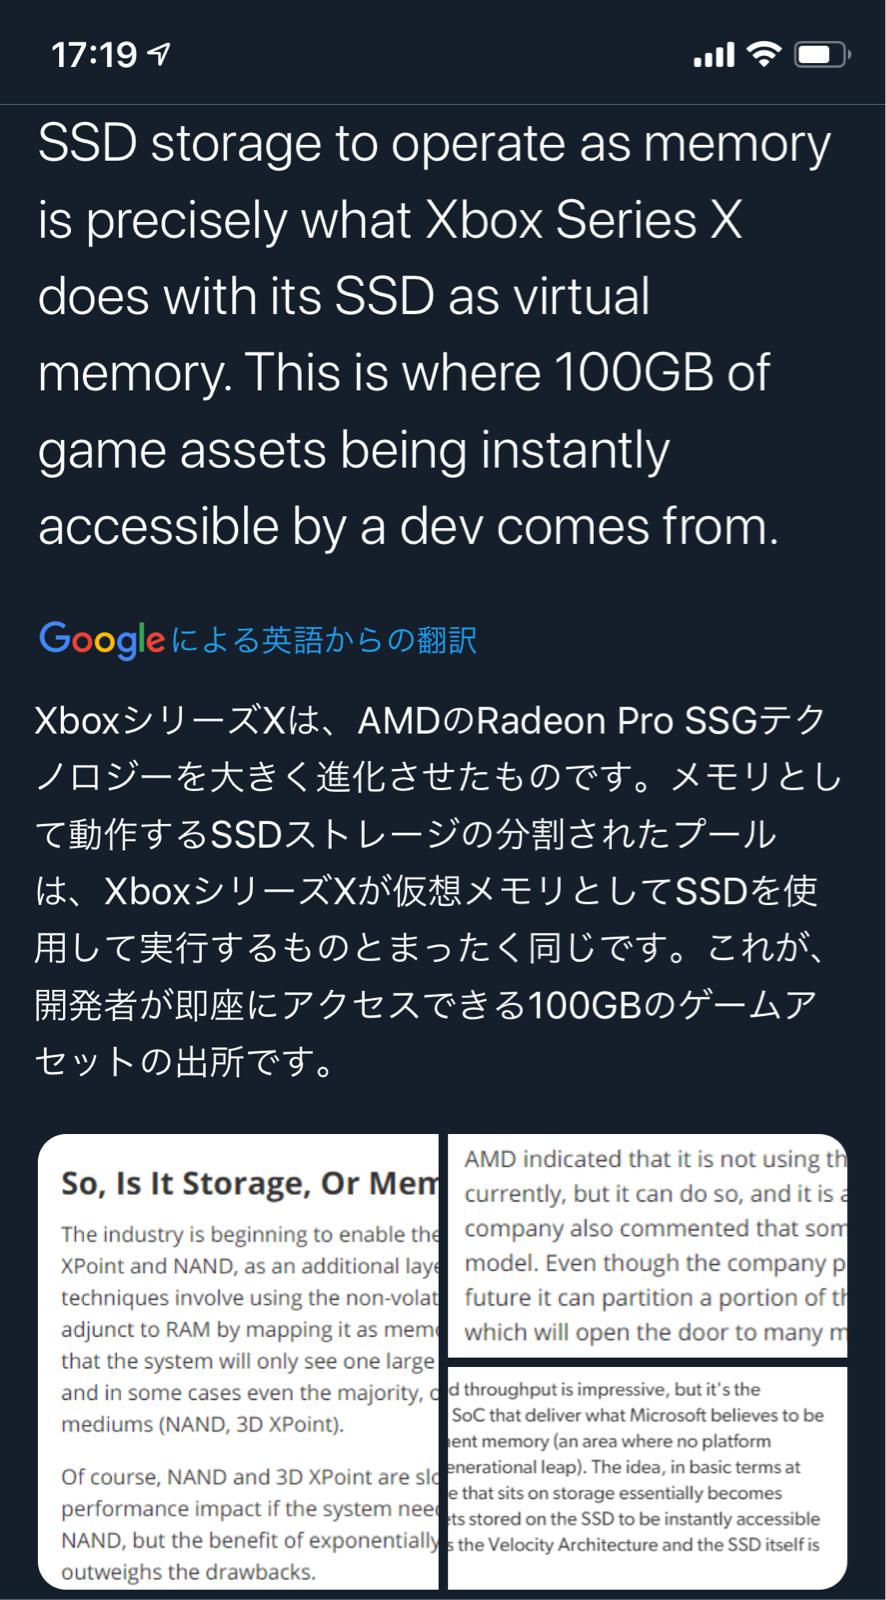 DwhfkuO - 【悲報】XBOX series XはGPU上で100Gのデータにアクセス出来る為PS5のSSDより上